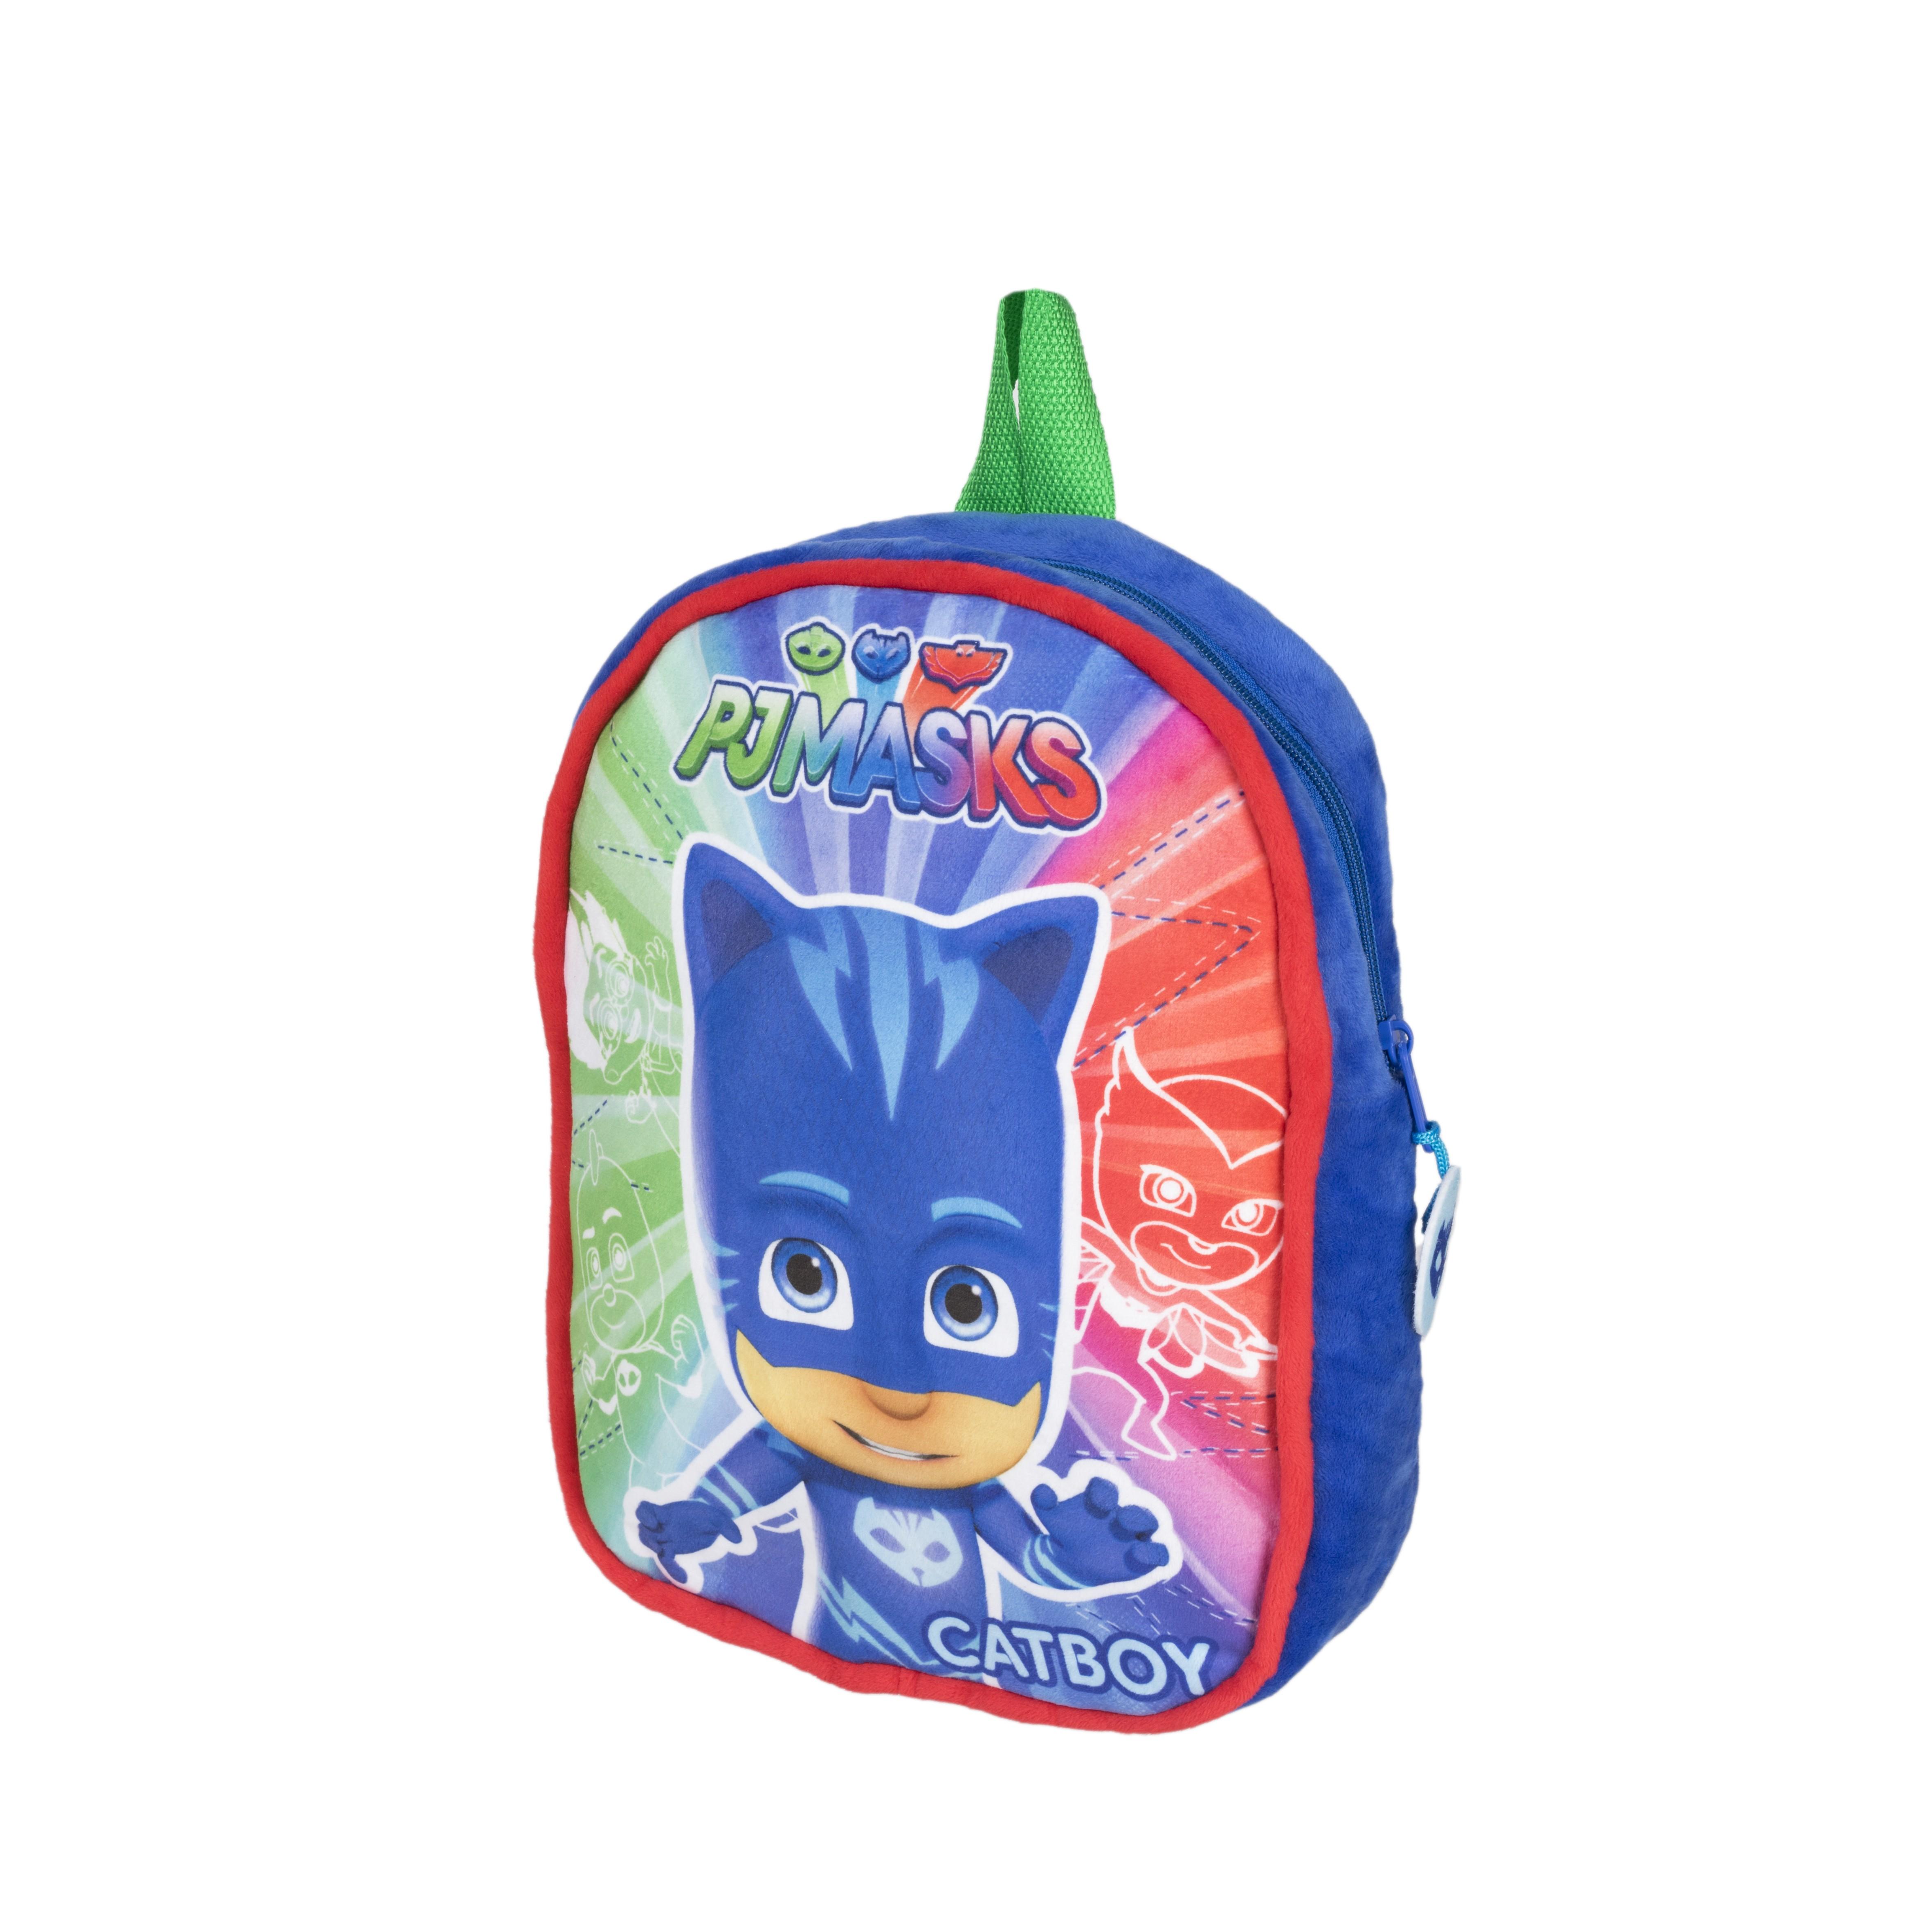 Рюкзак Герои в масках Рюкзачок плюшевый детский, синий, зеленый, красный